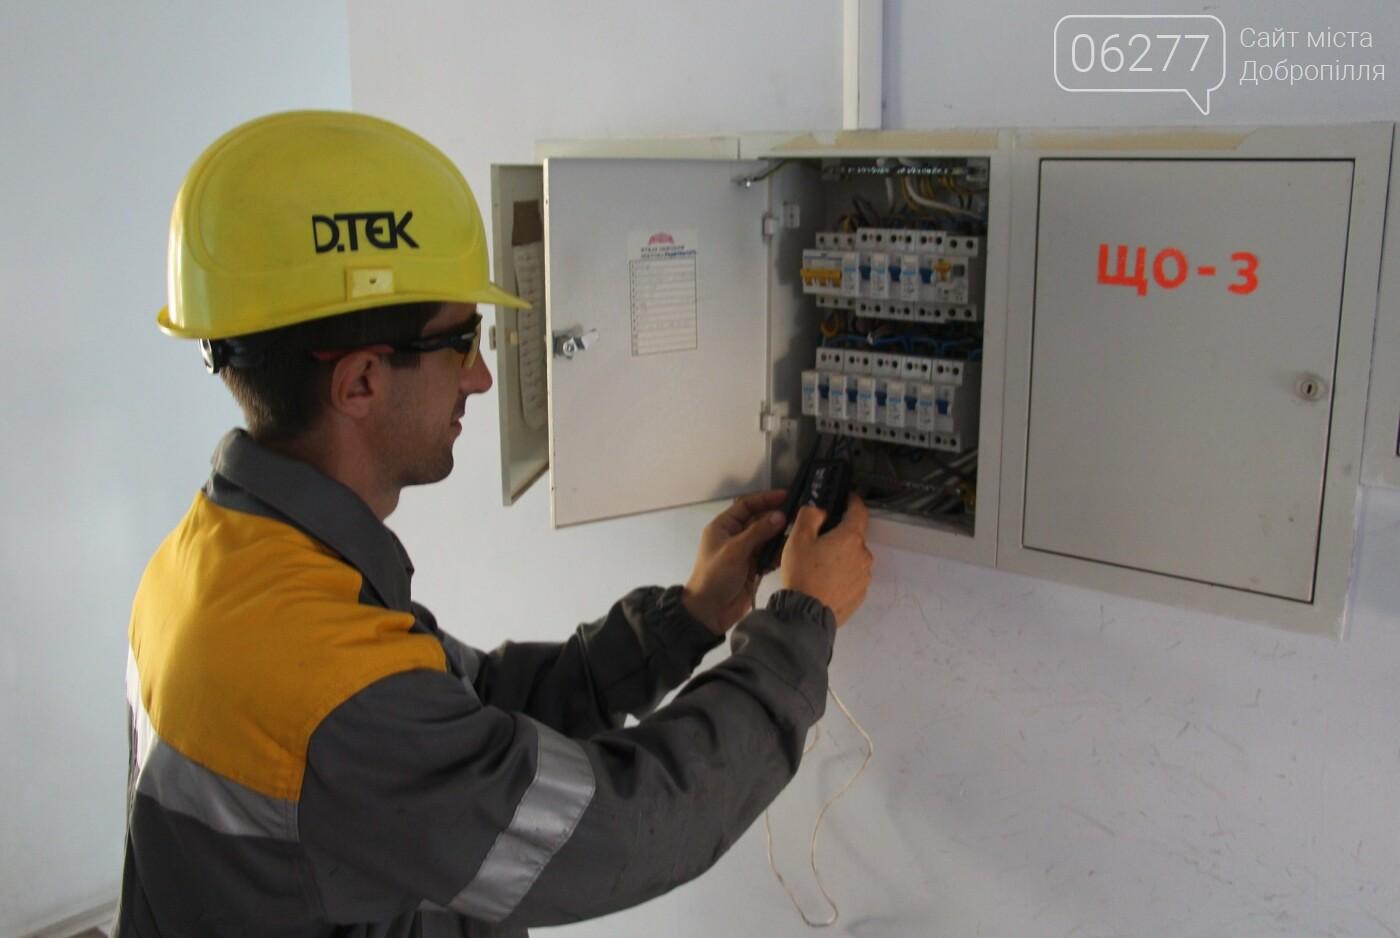 Електромонтери та контролери: як відрізнити справжнього фахівця від шахрая?, фото-1